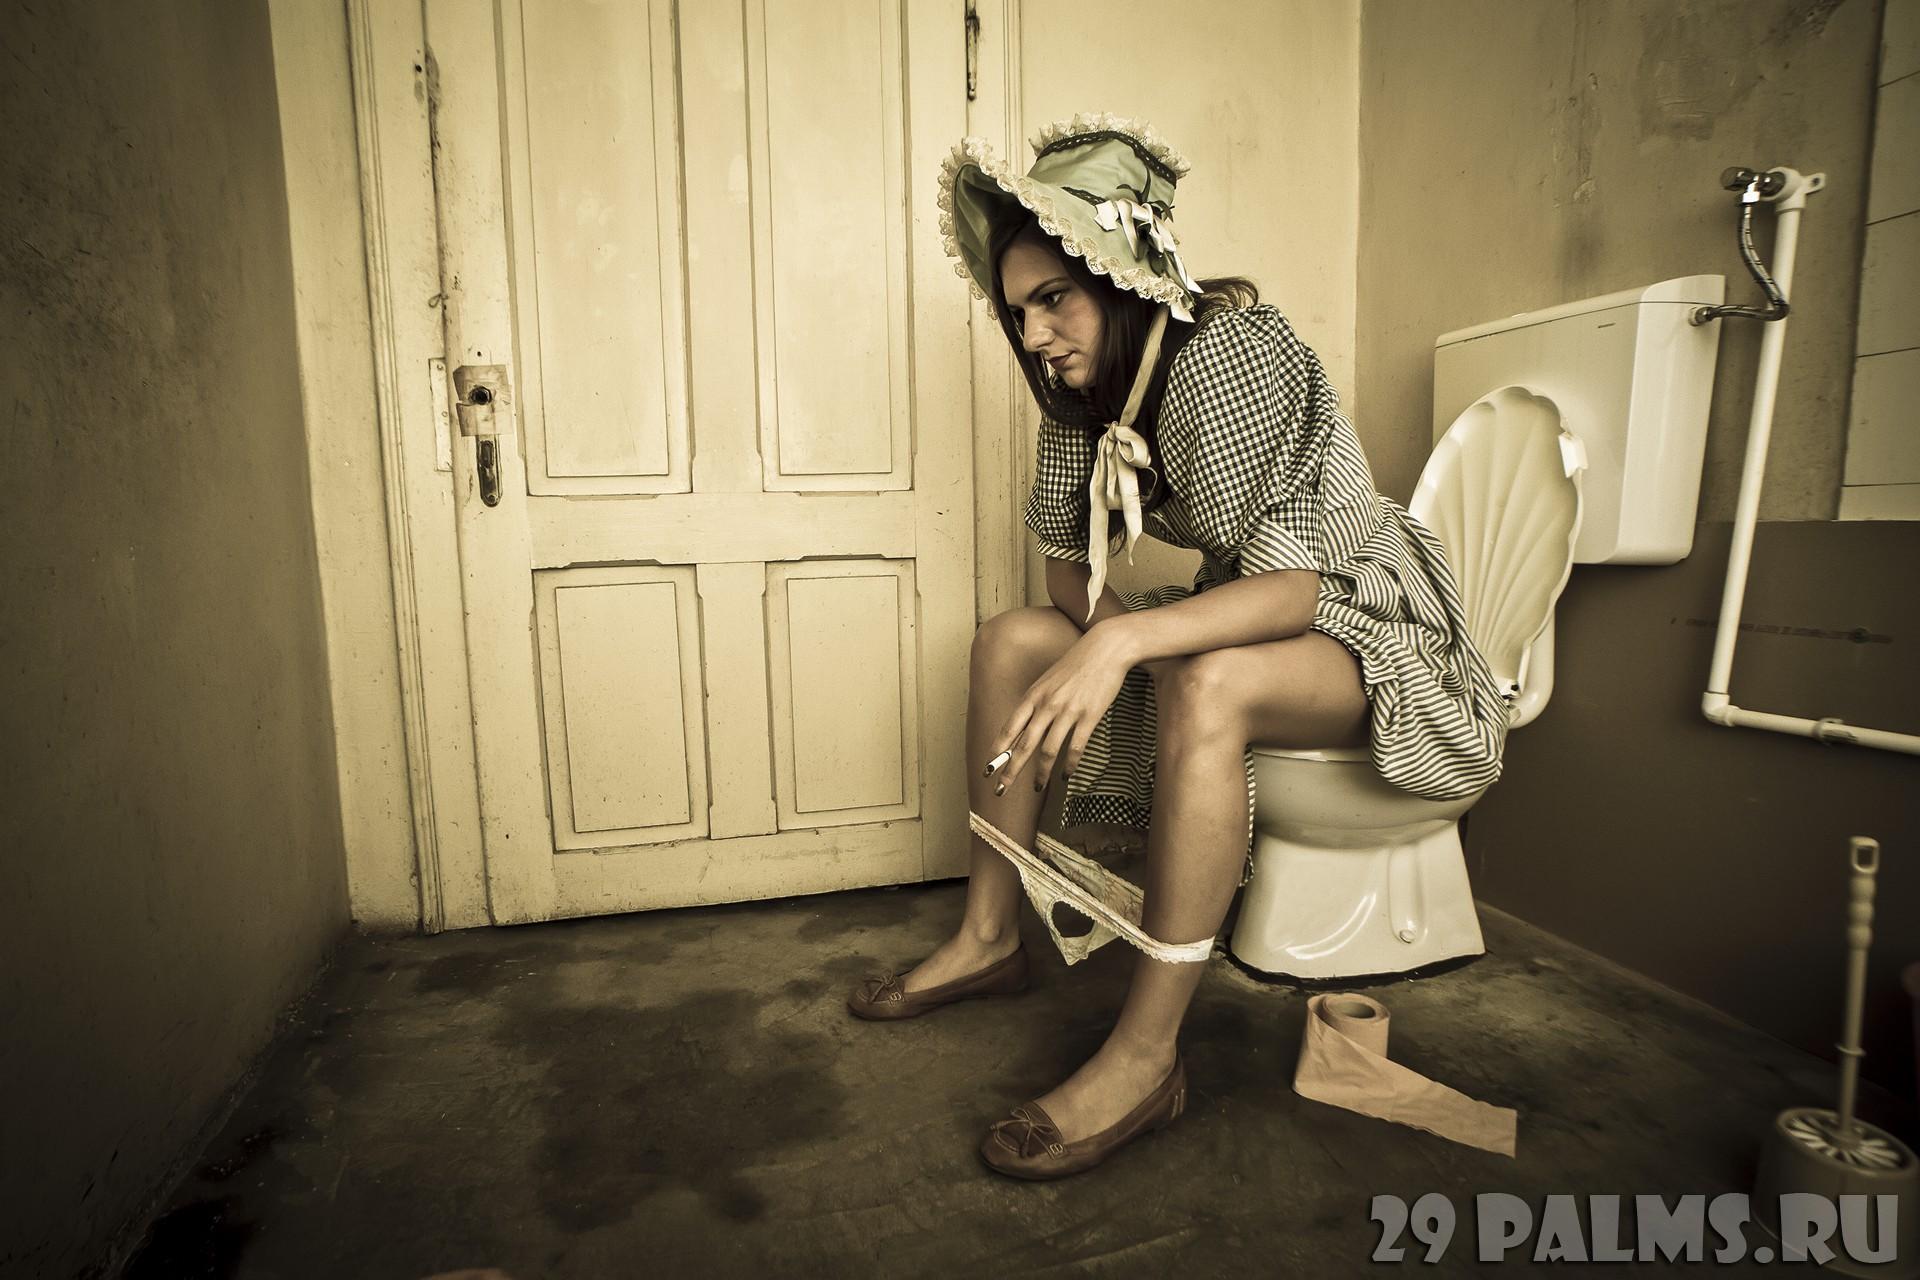 Смотреть онлайн писающих девушек крупно, Девки писают в туалете крупным планом 3 фотография